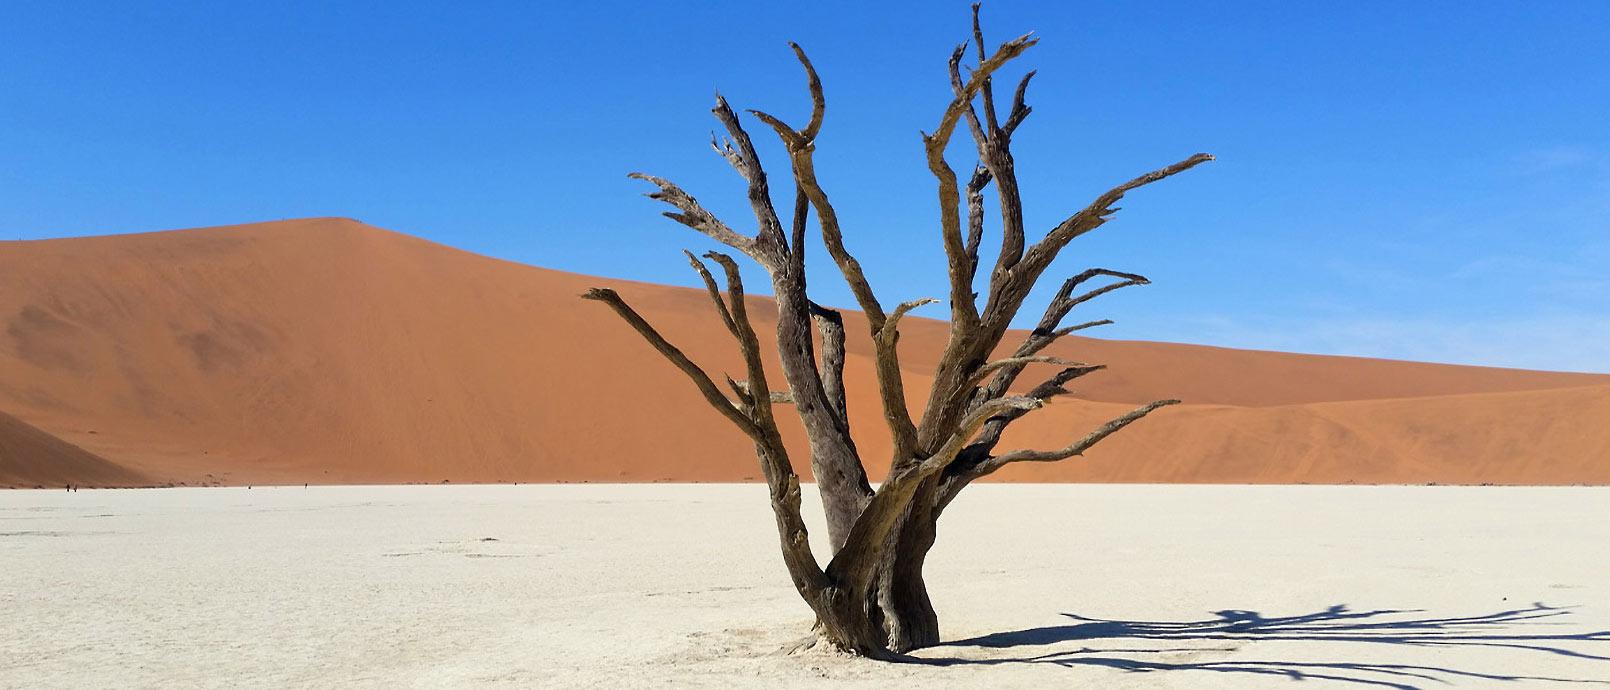 Désert du Namib Les arbres fossilisés de Dead Vlei